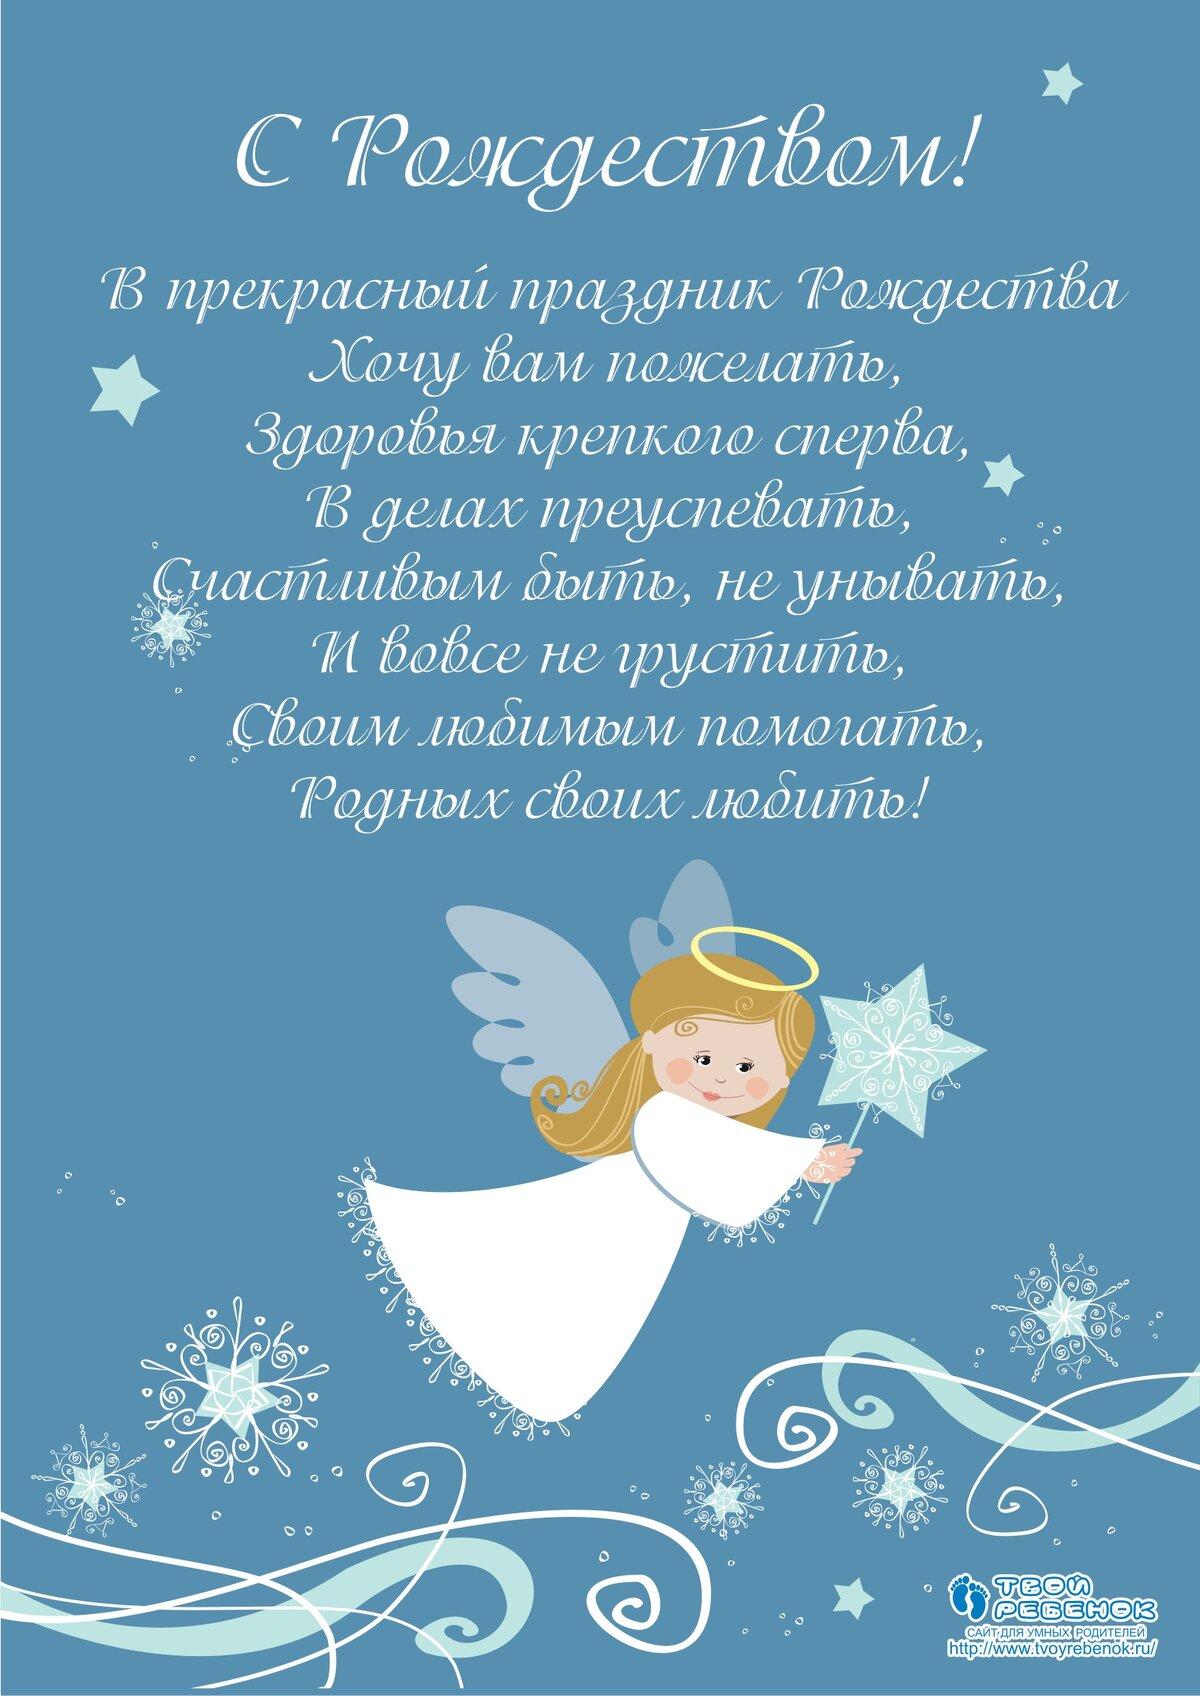 Открытка с рождеством для детей, для оформления открытки